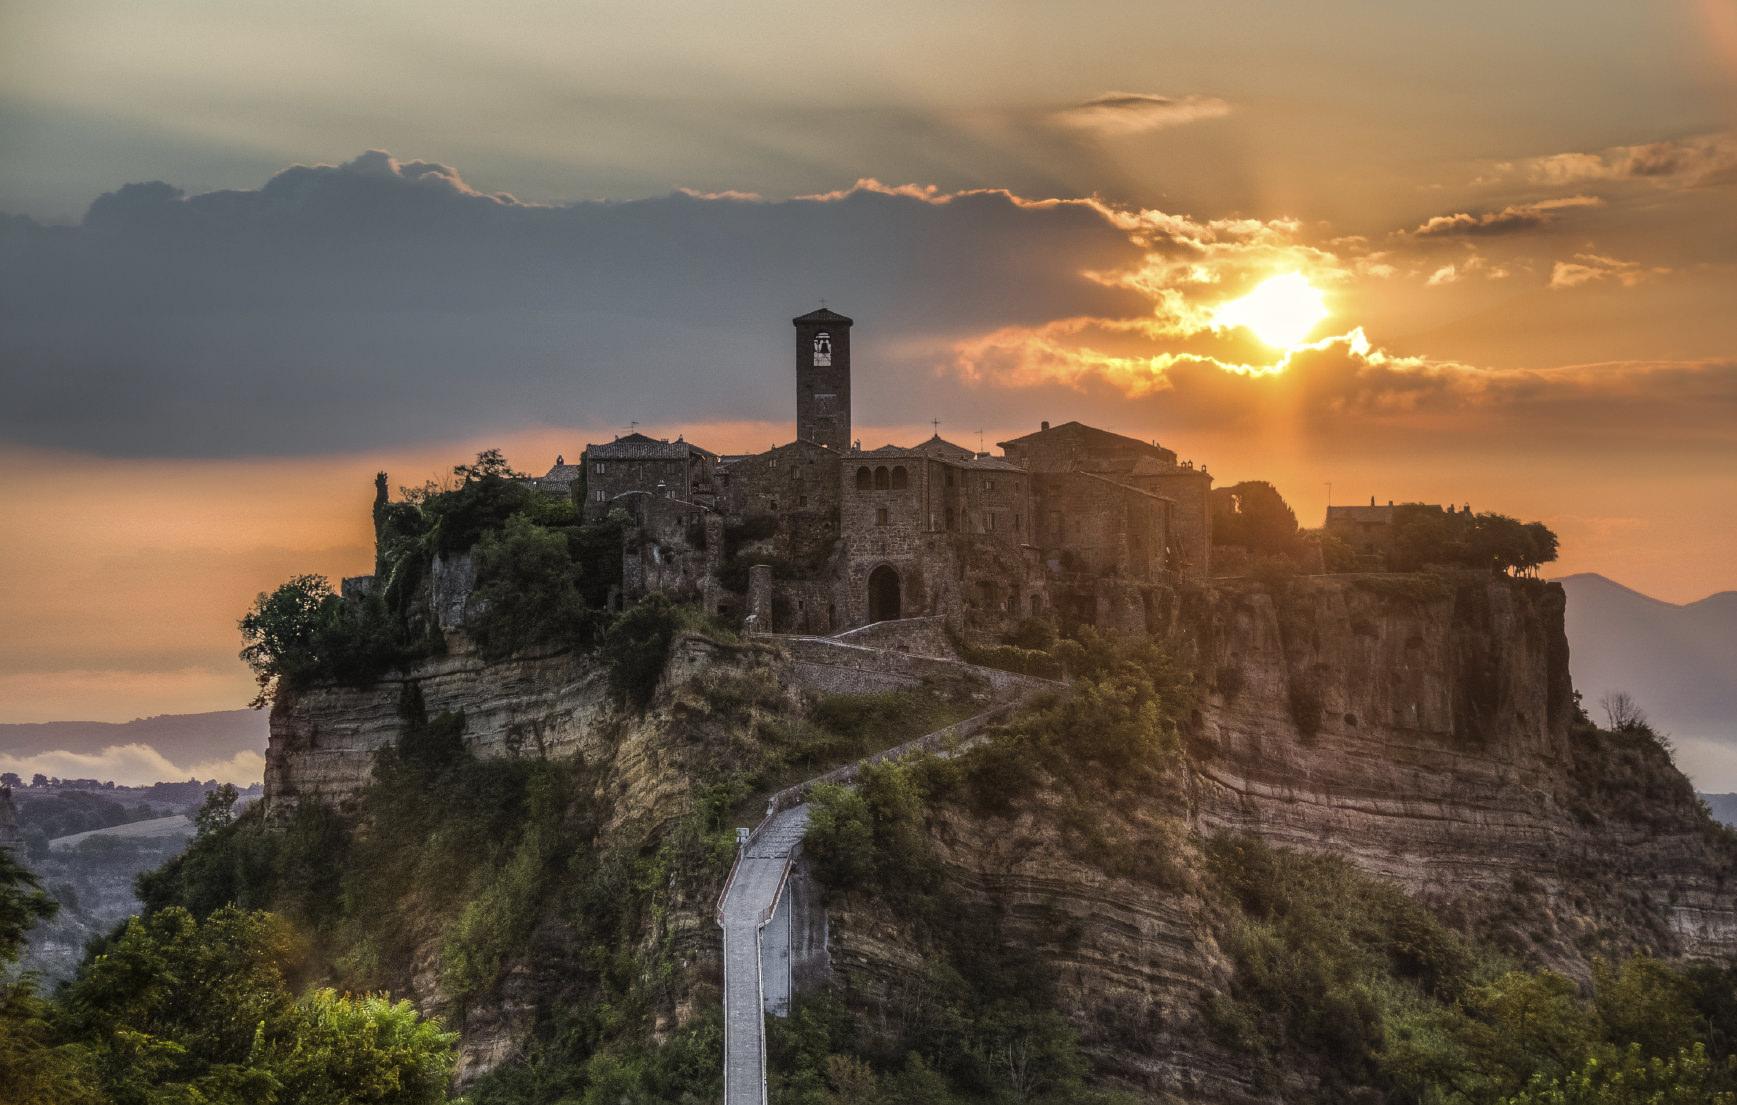 Civita di Bagnoregio - Luoghi da fotografare in Toscana